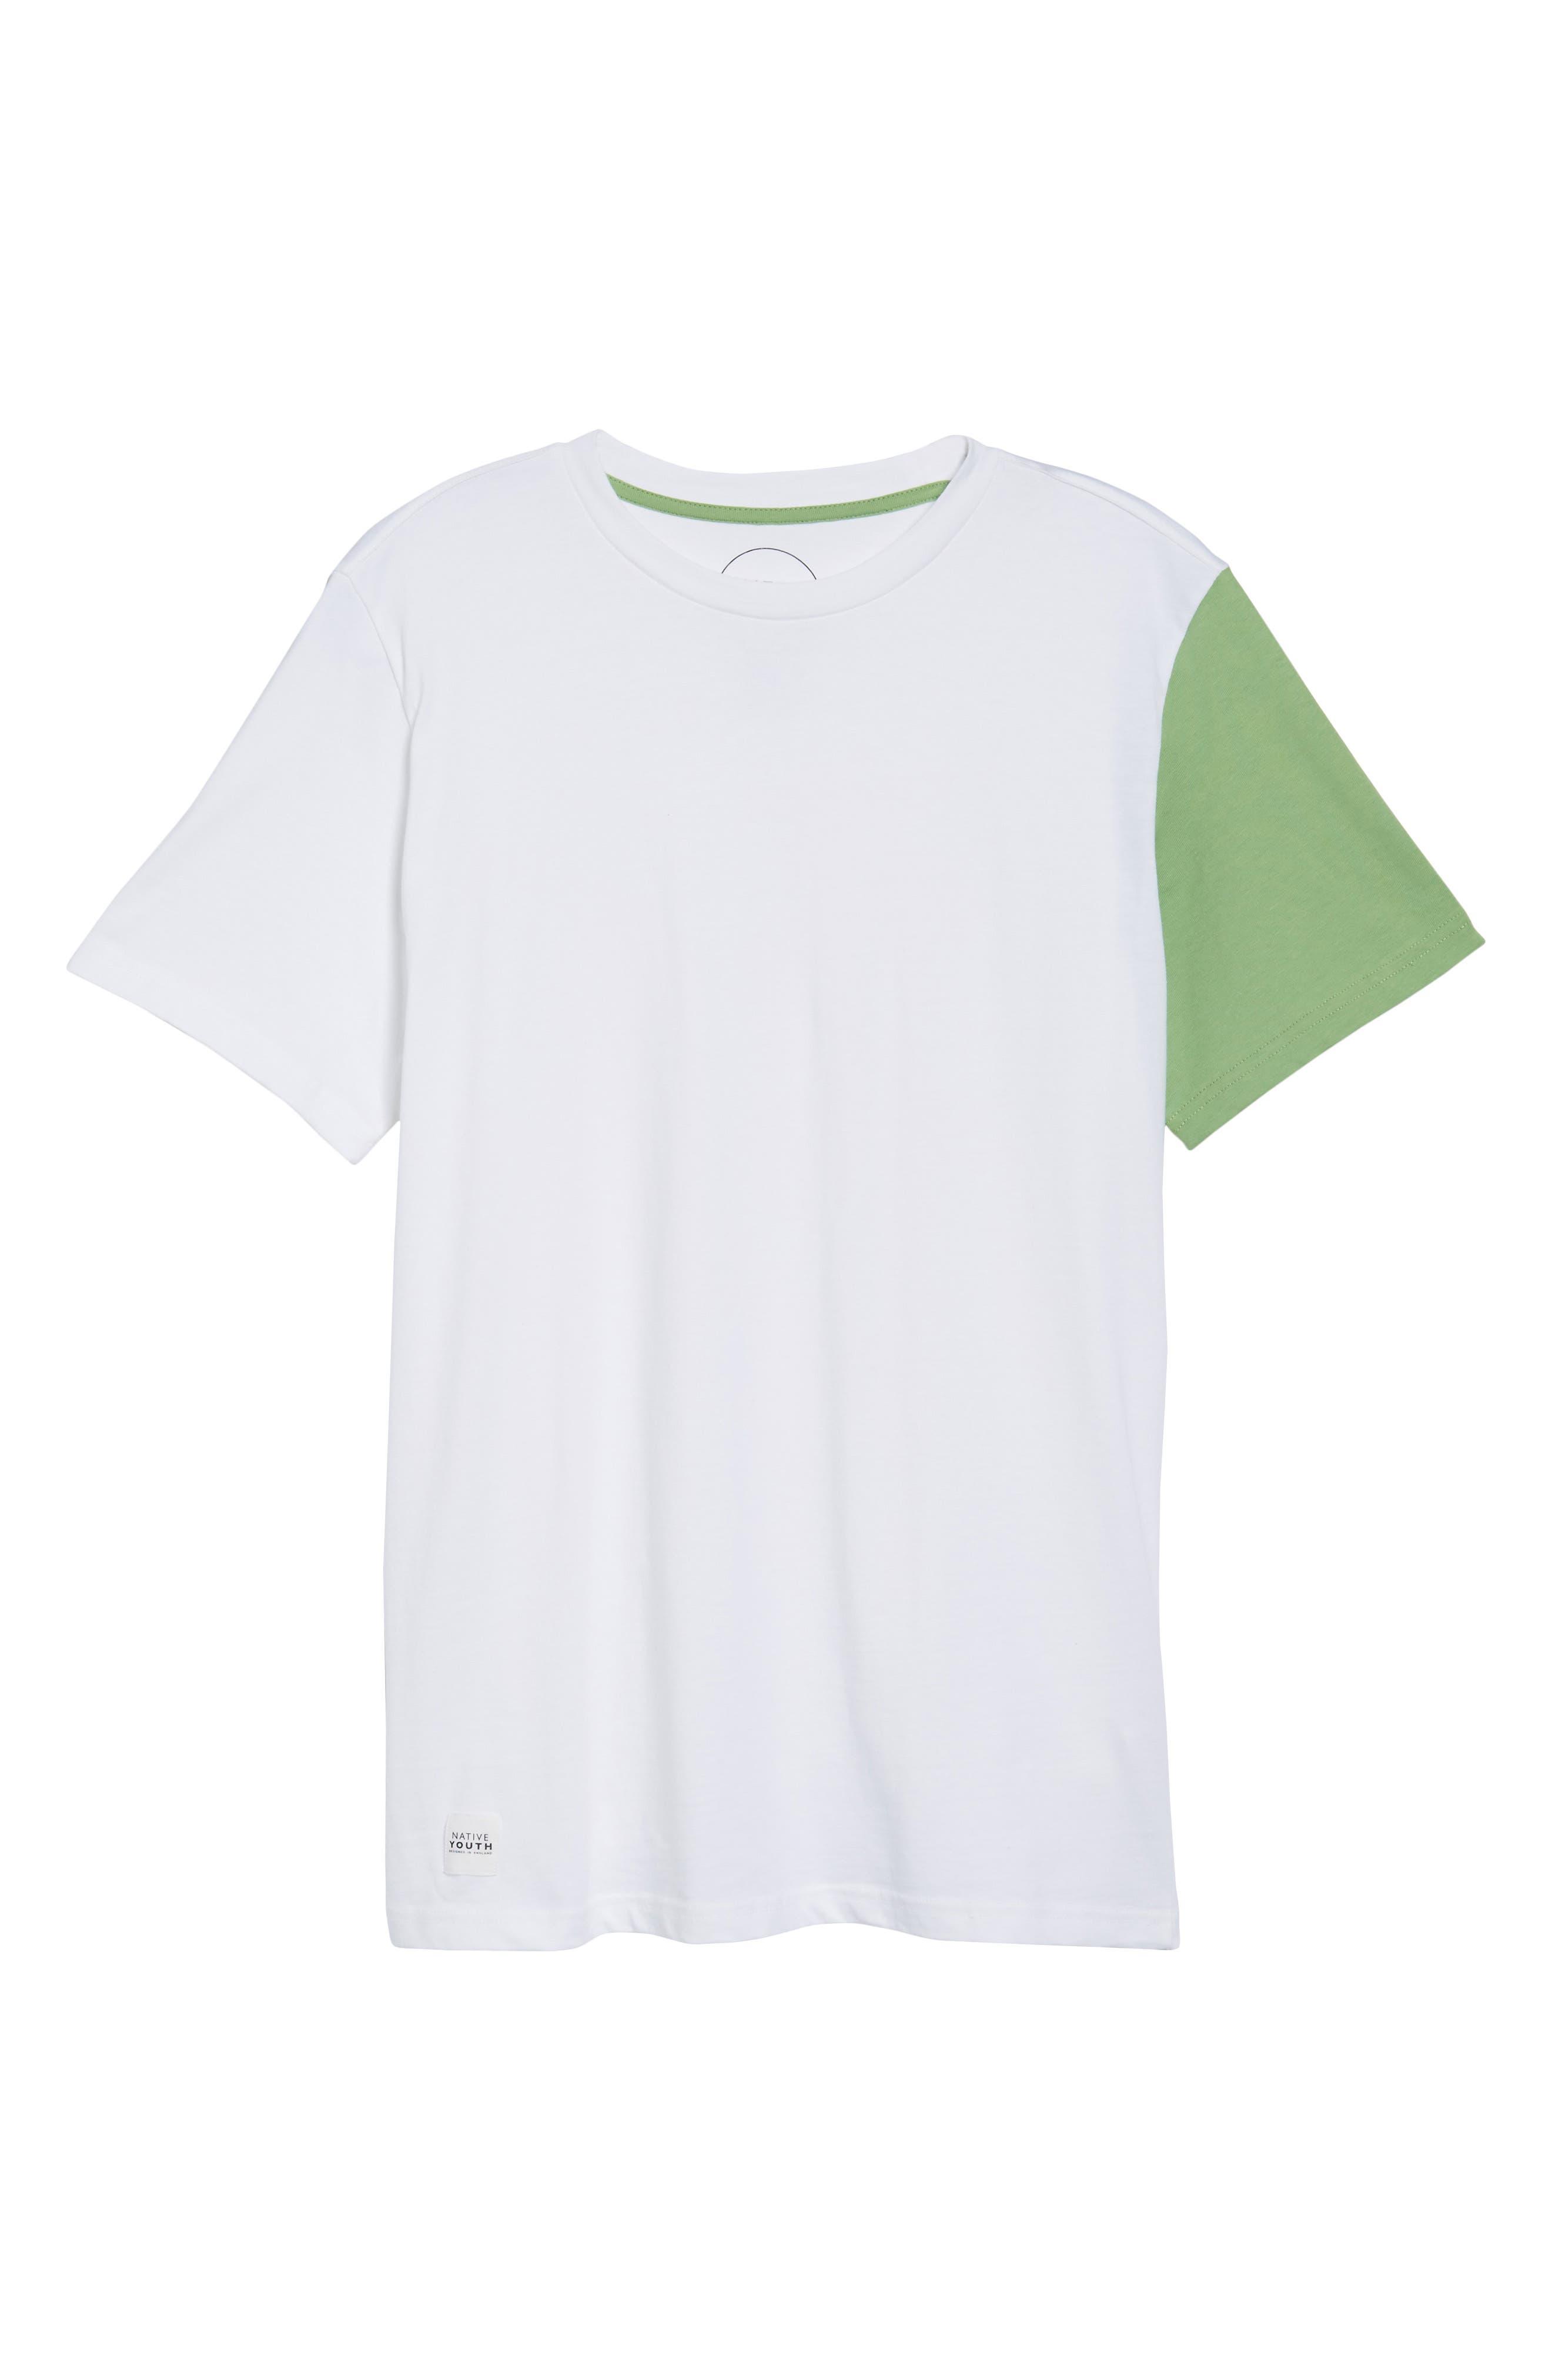 Tides T-Shirt,                             Alternate thumbnail 6, color,                             100